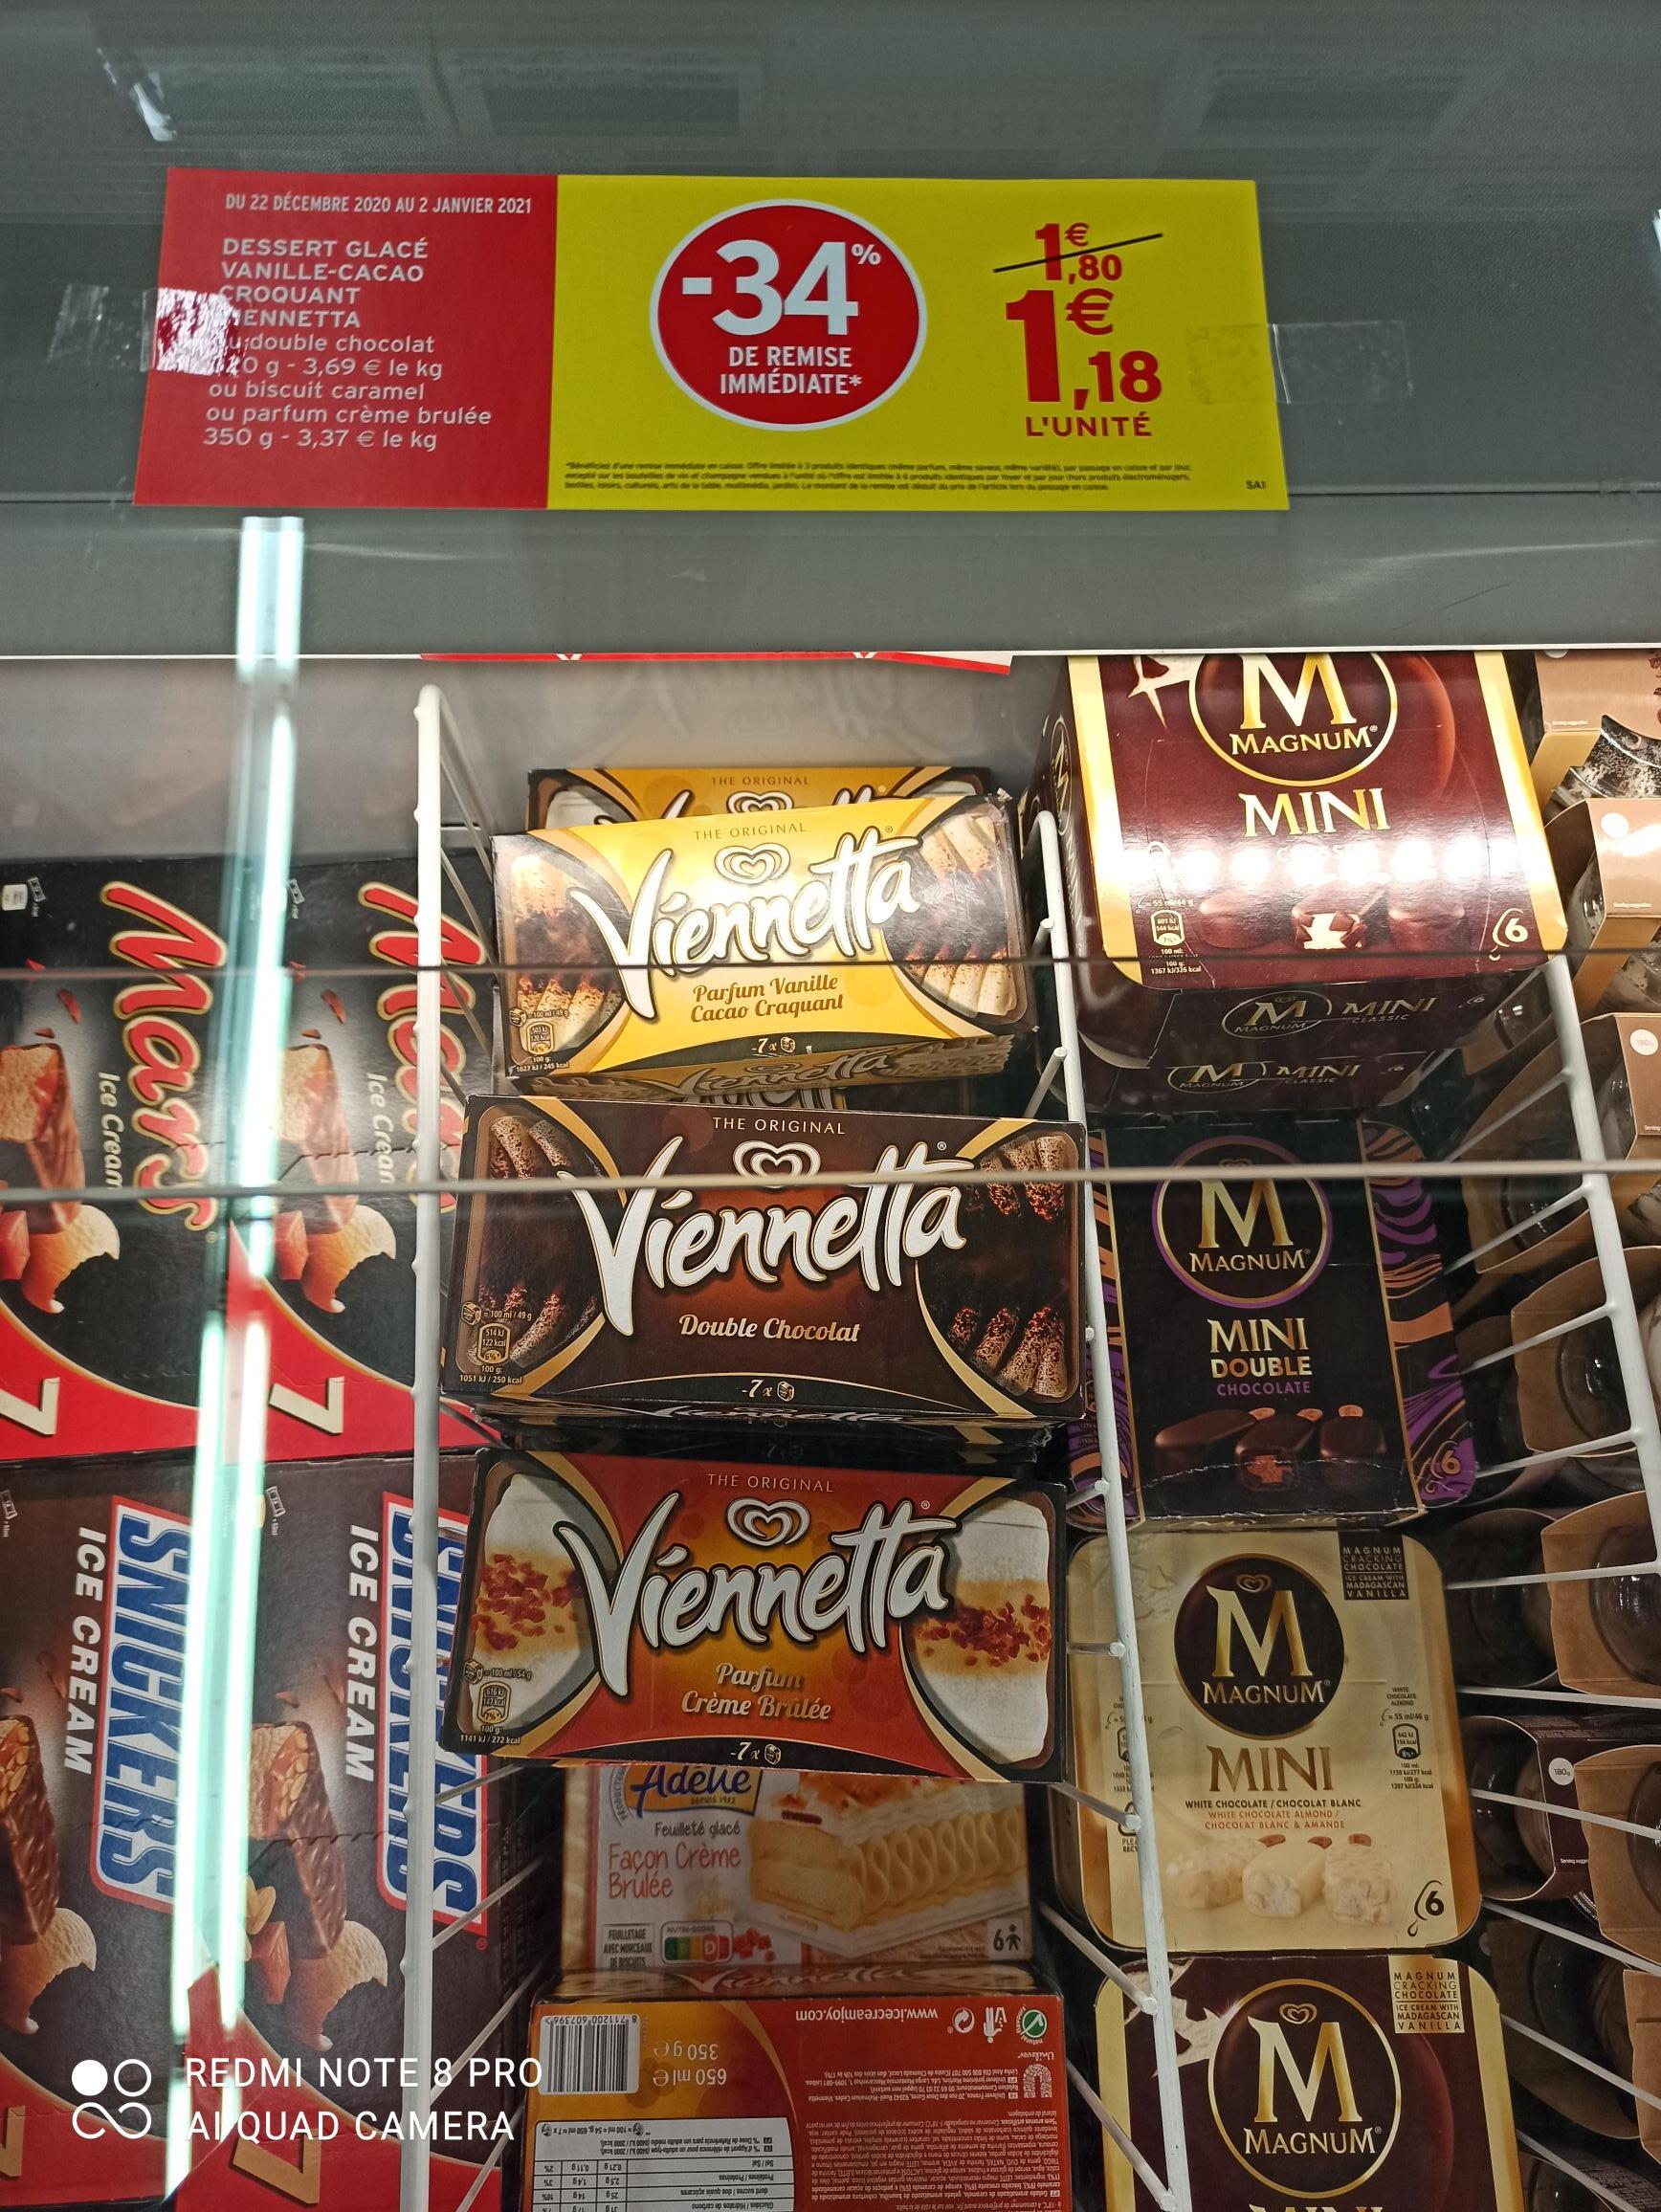 Glace Biscuit Miko Viennetta (Différentes Variétés) - Émerainville (77)